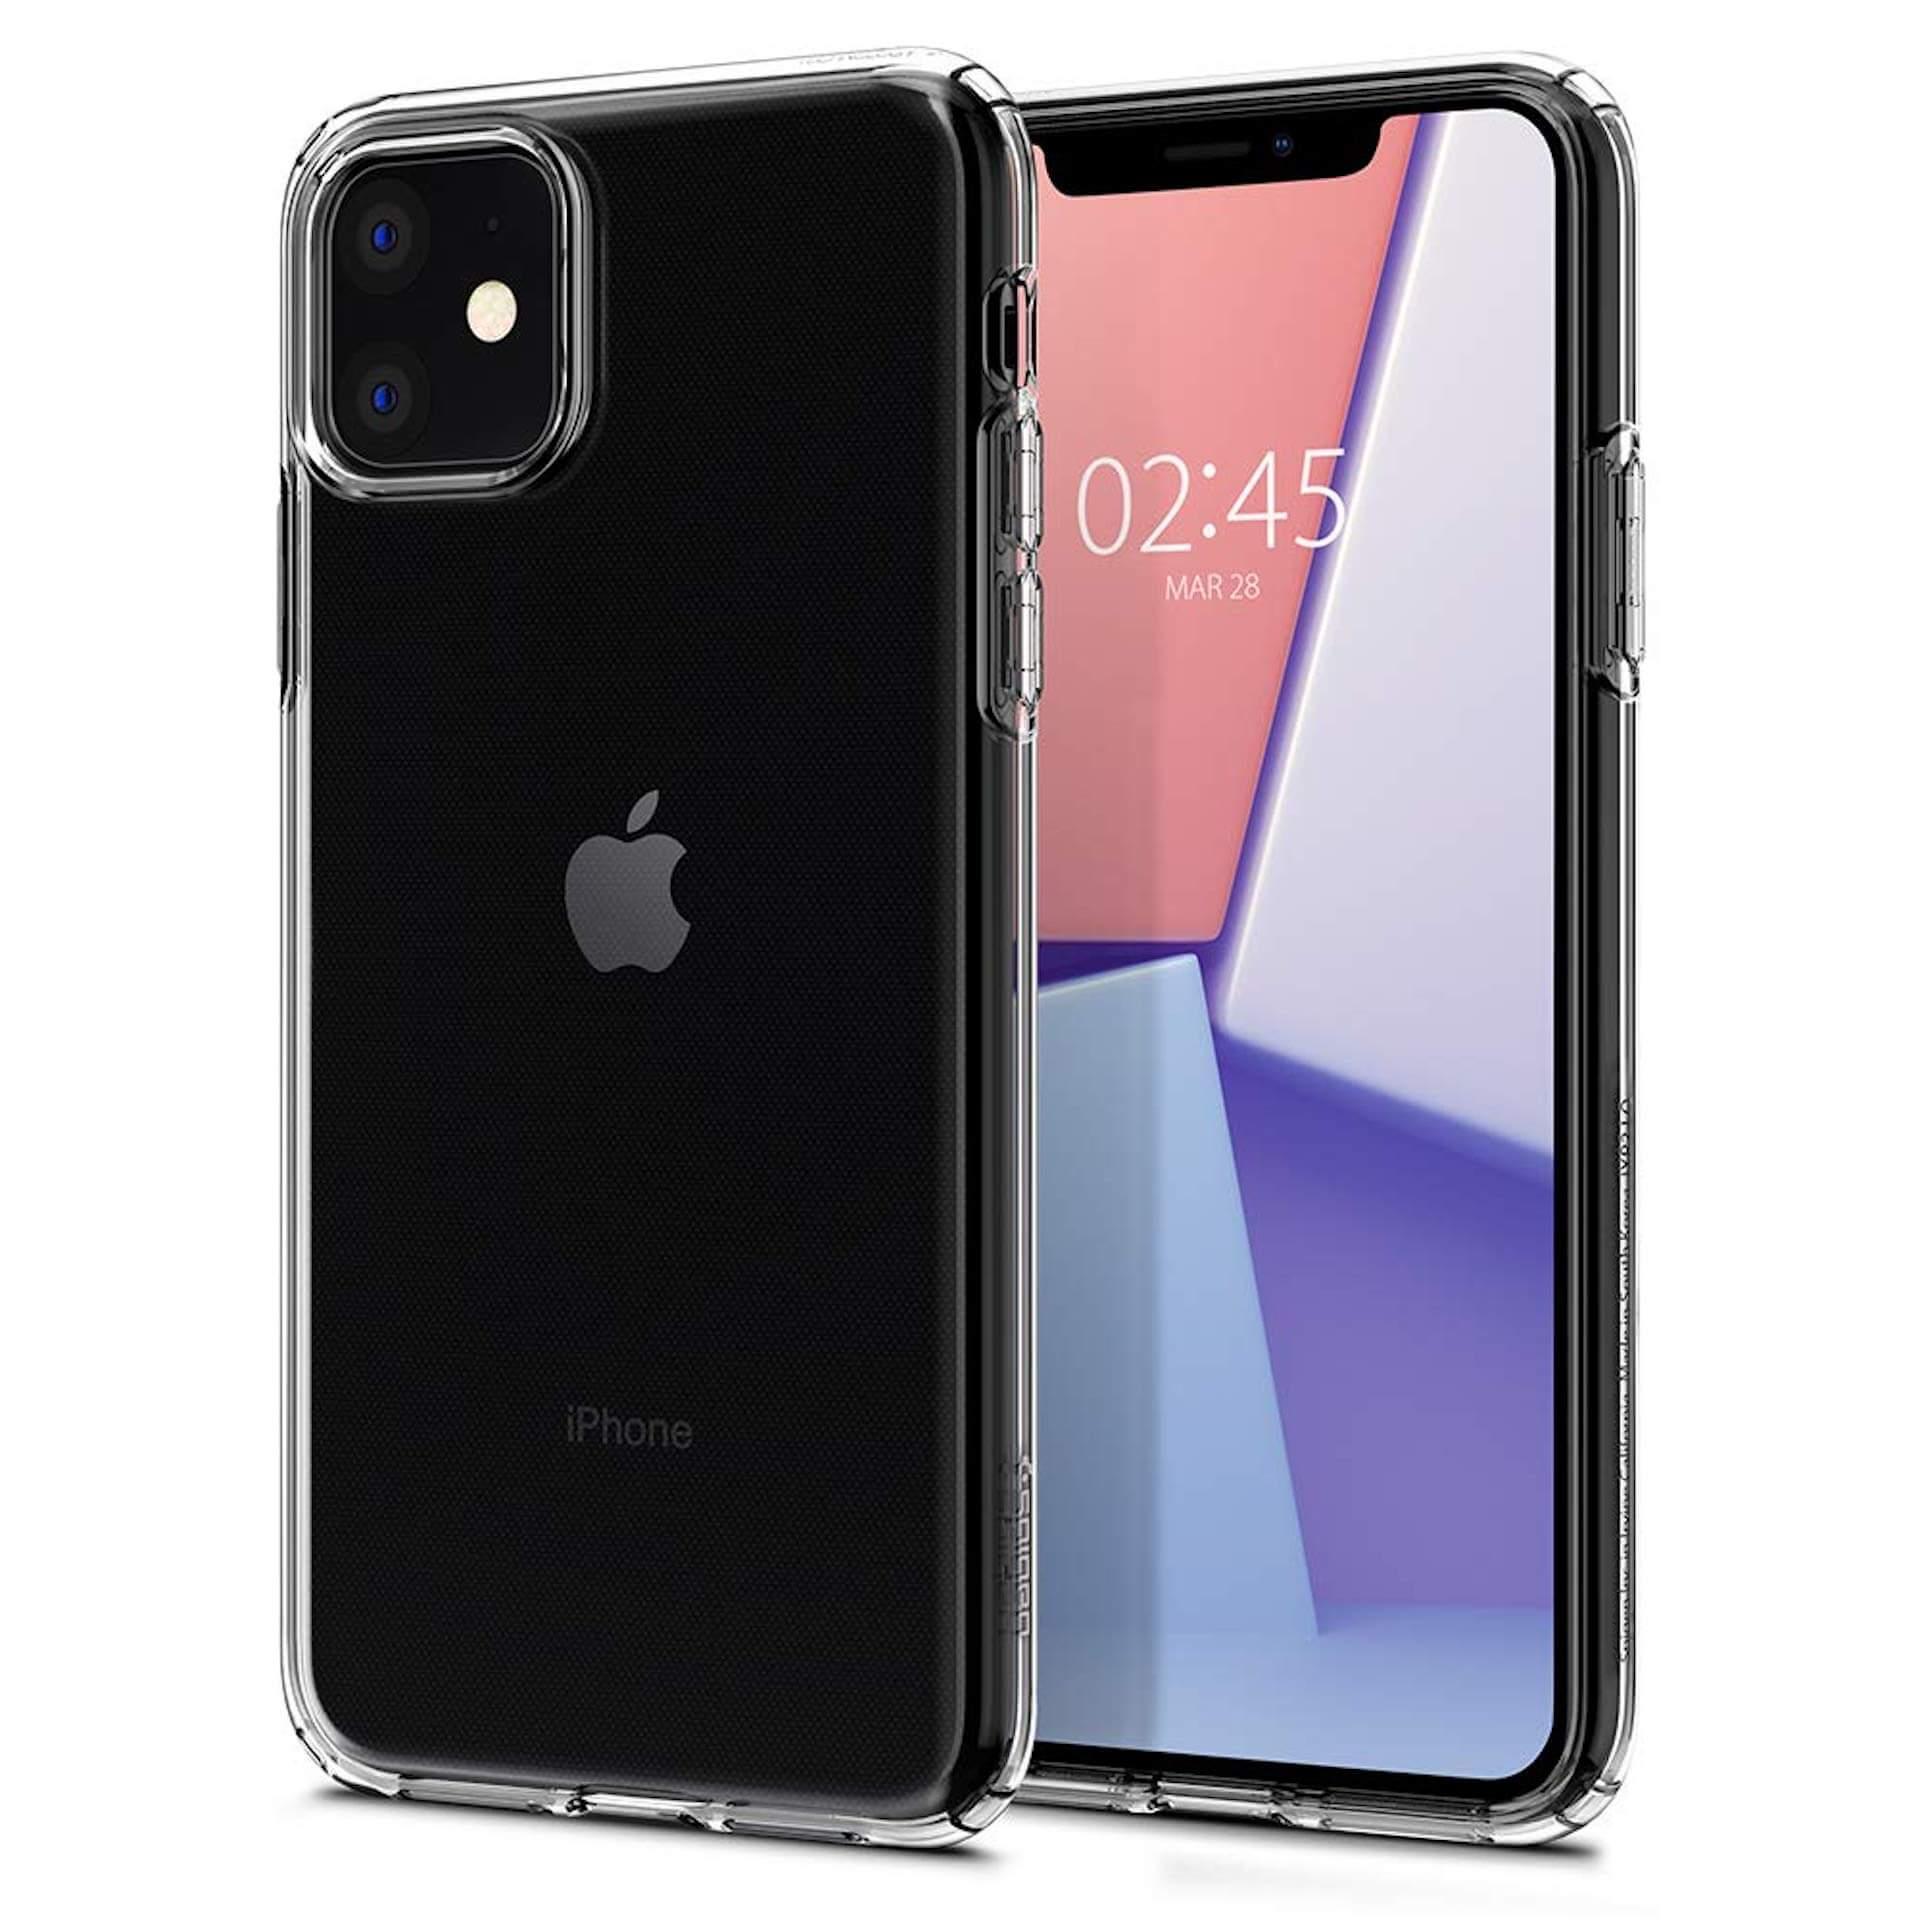 新型iPhone、やっぱりトリプルカメラ!?SpigenよりiPhone 11用ケースが発売開始 tech190906spigen-case_4